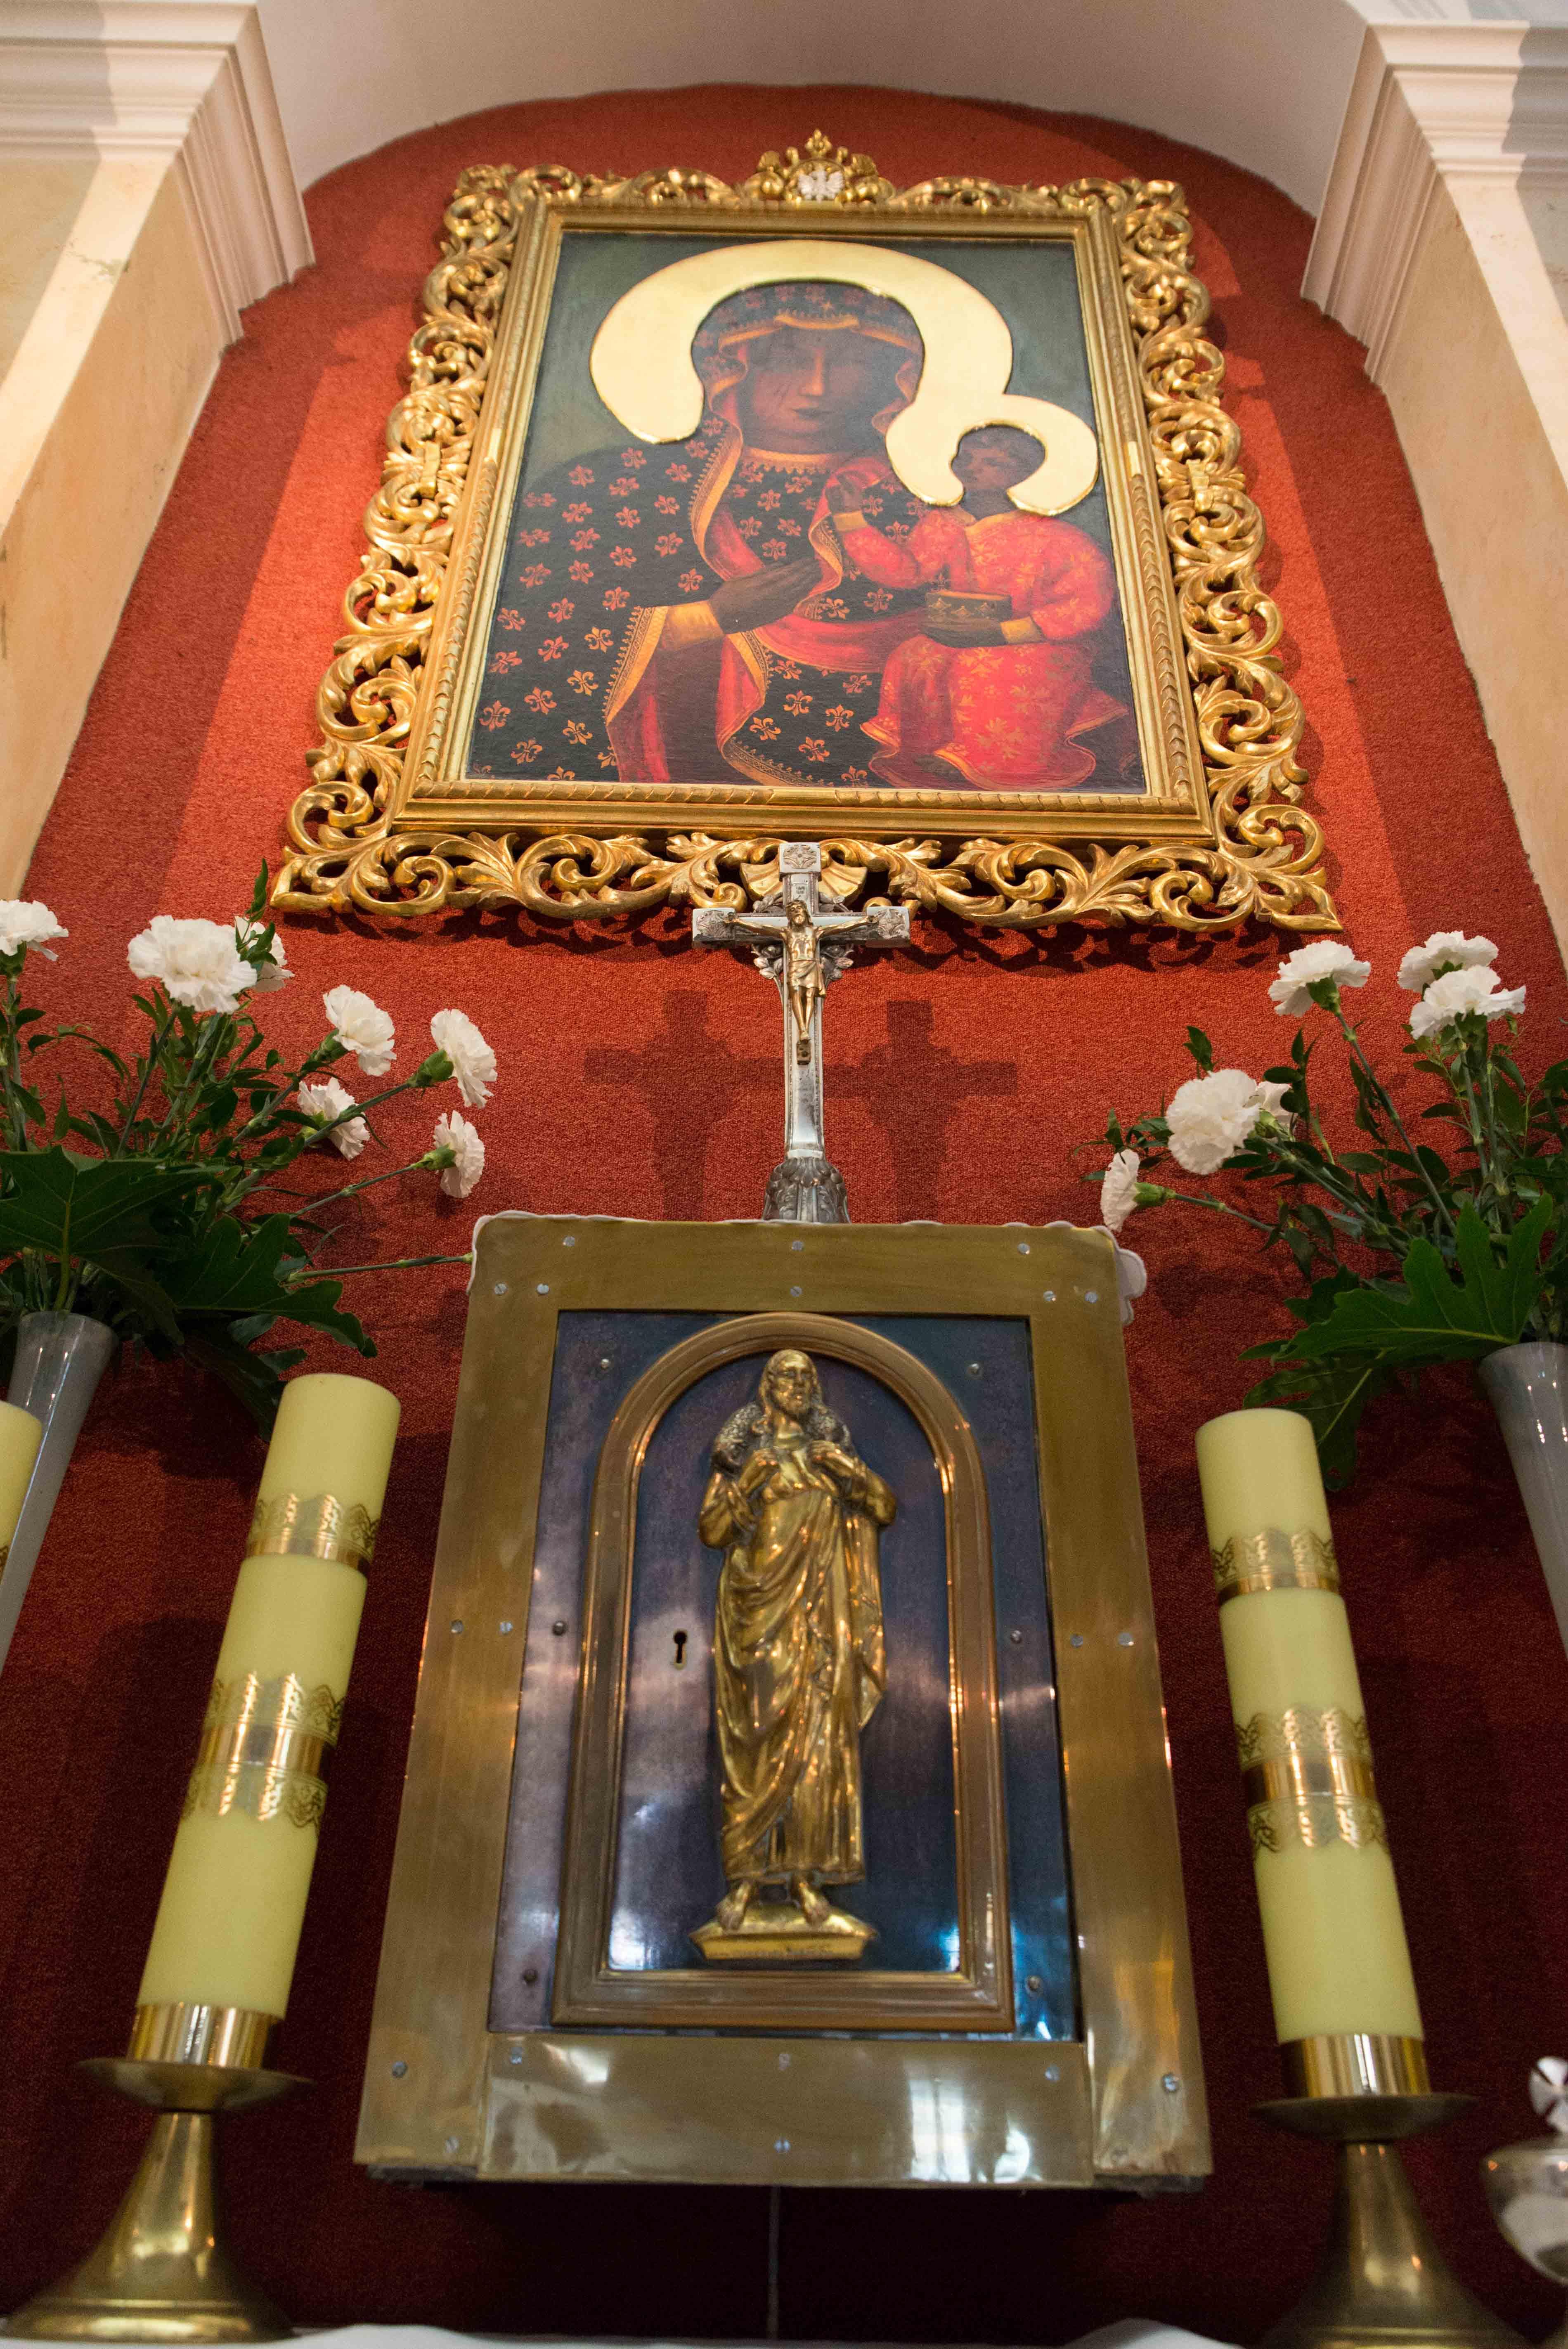 Kosciol Najswietszej Maryi Panny Czestochowskiej we Wroclawiu male (22)